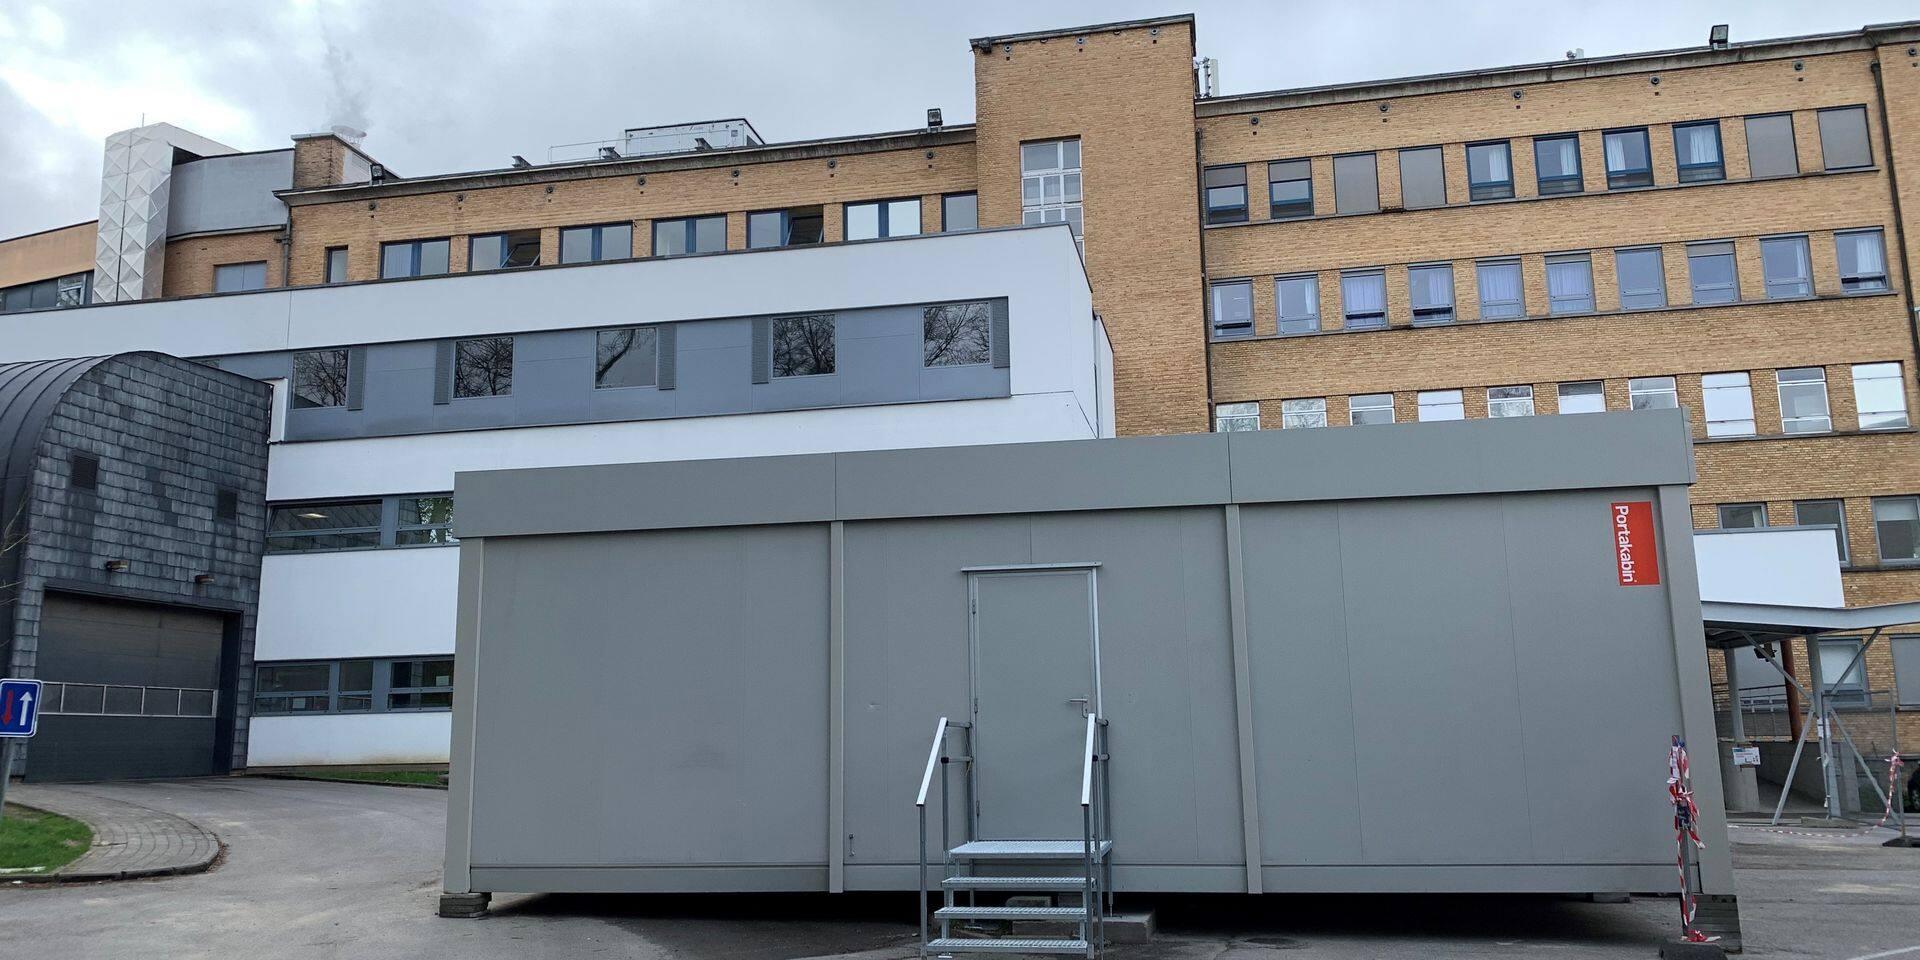 Le service des urgences de l'hôpital de Nivelles veut évoluer